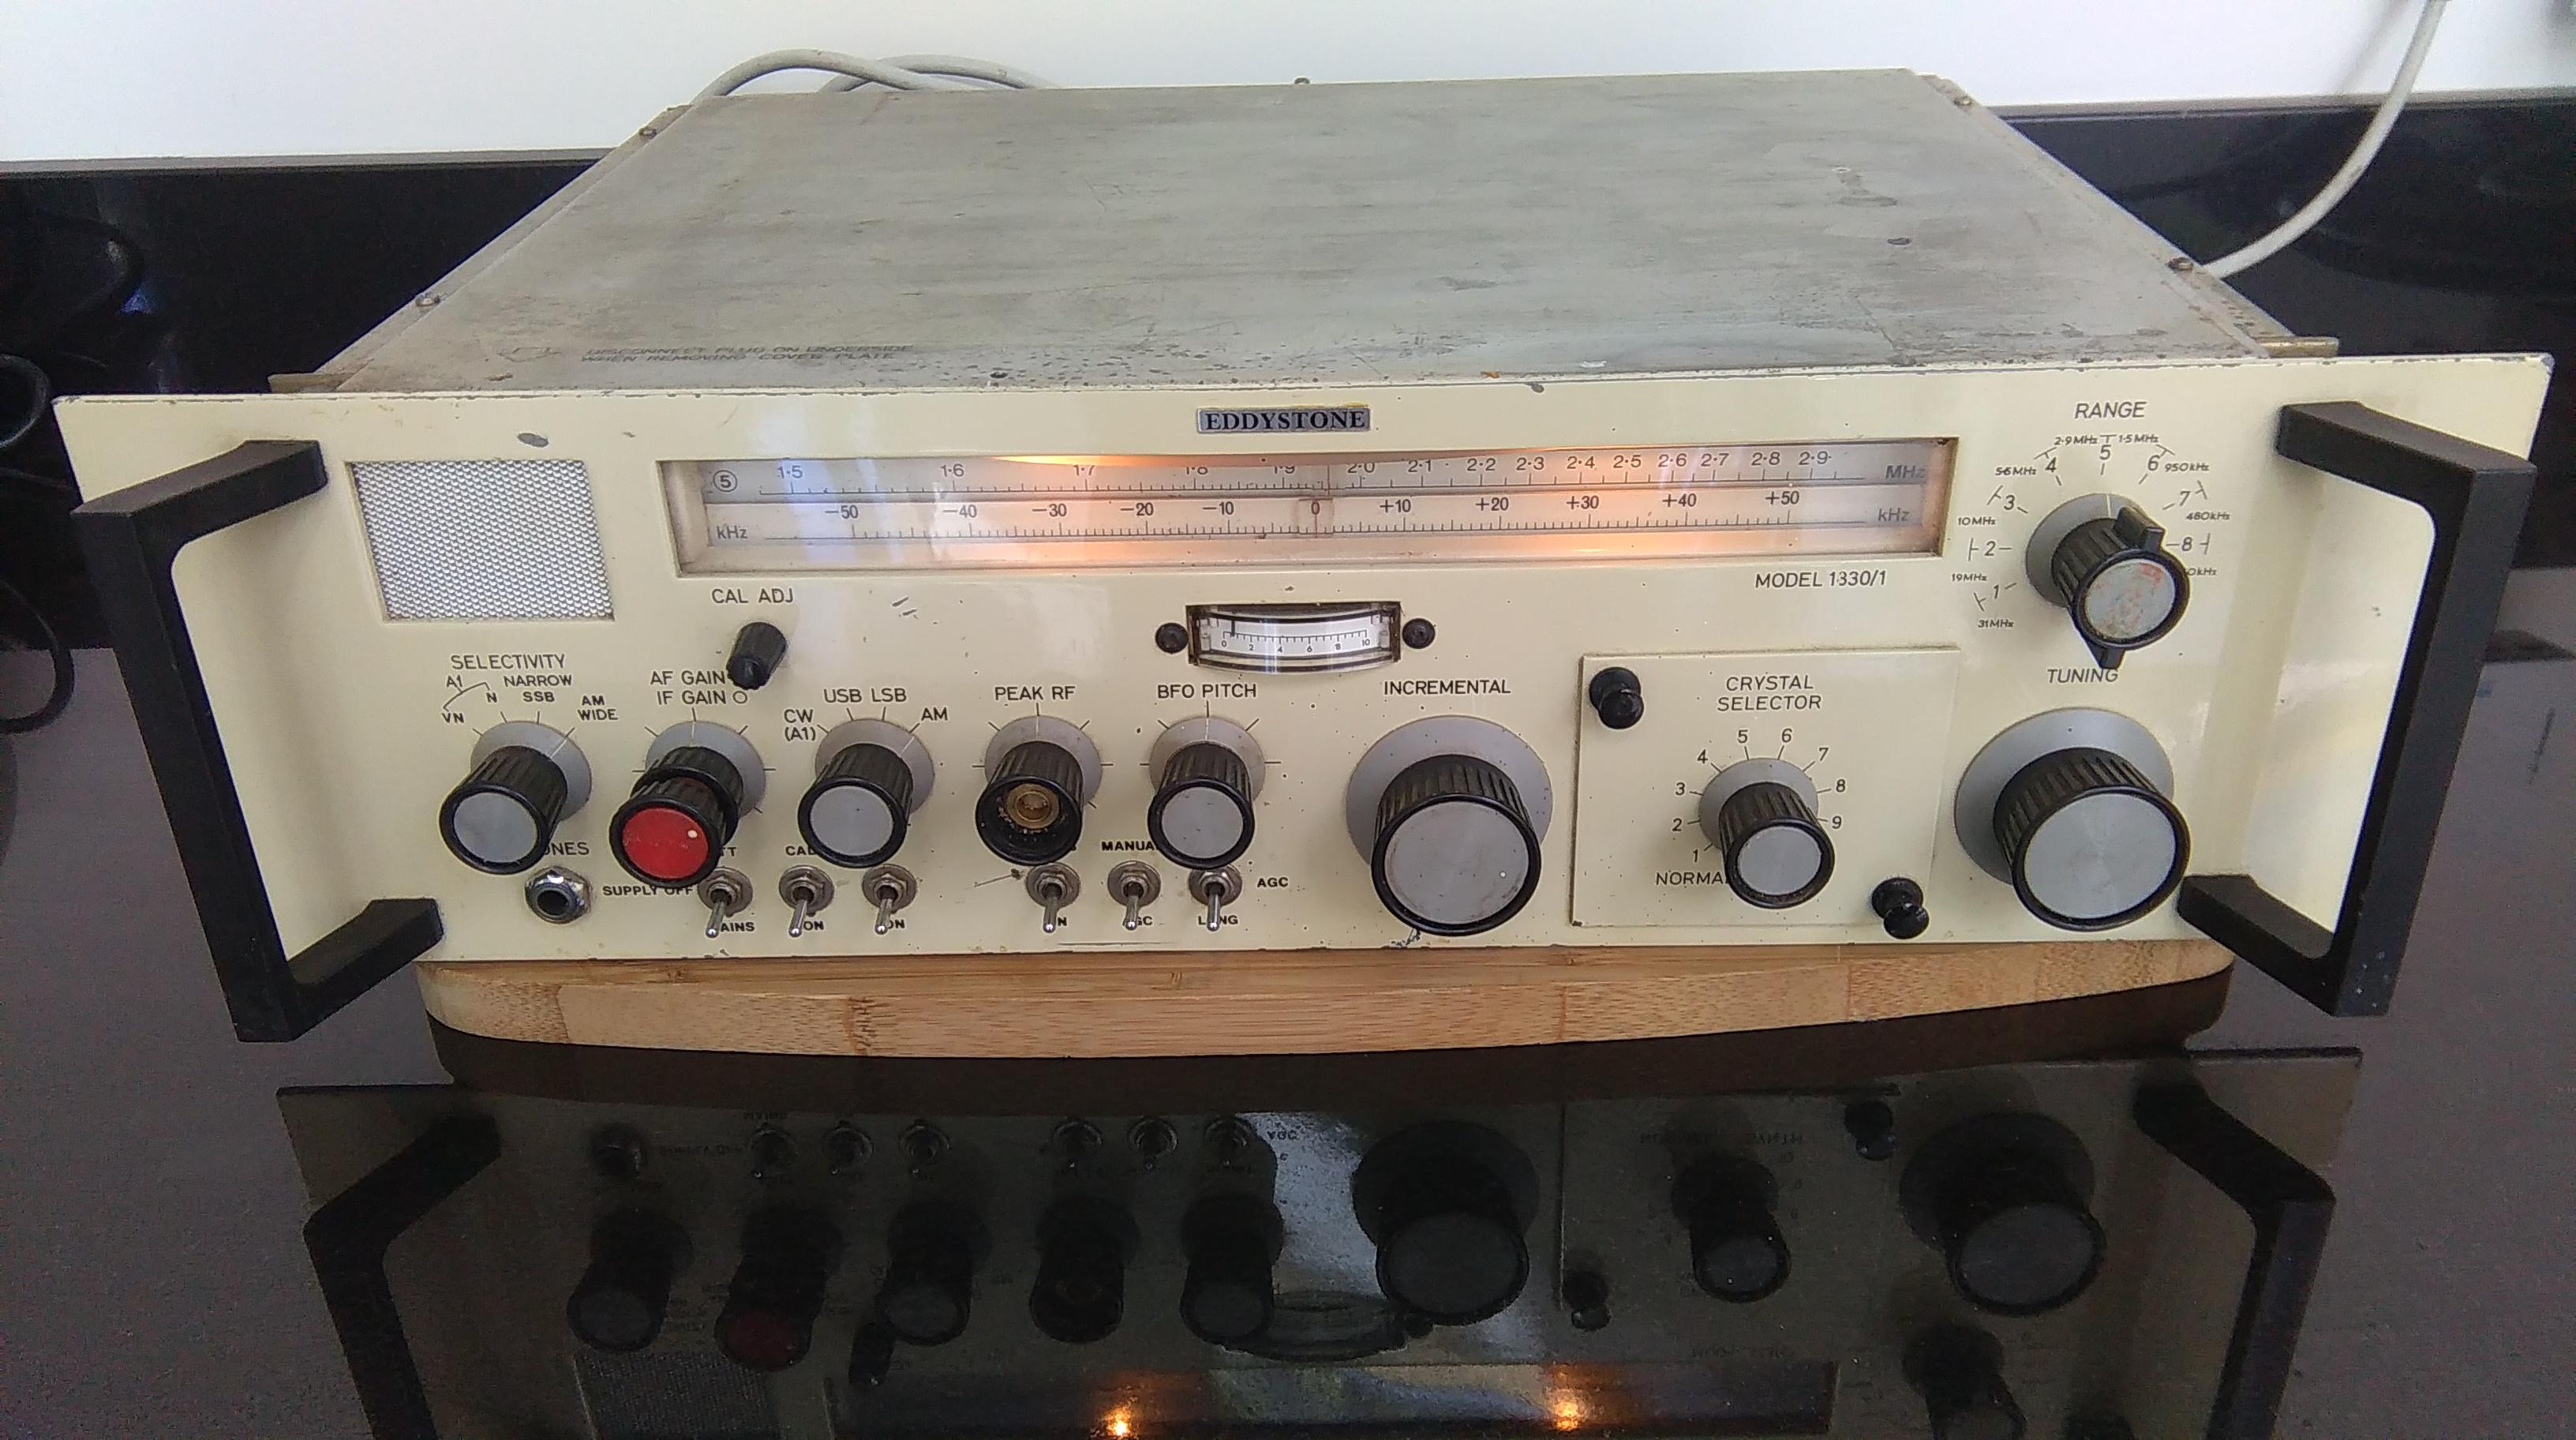 1830-1 receiver